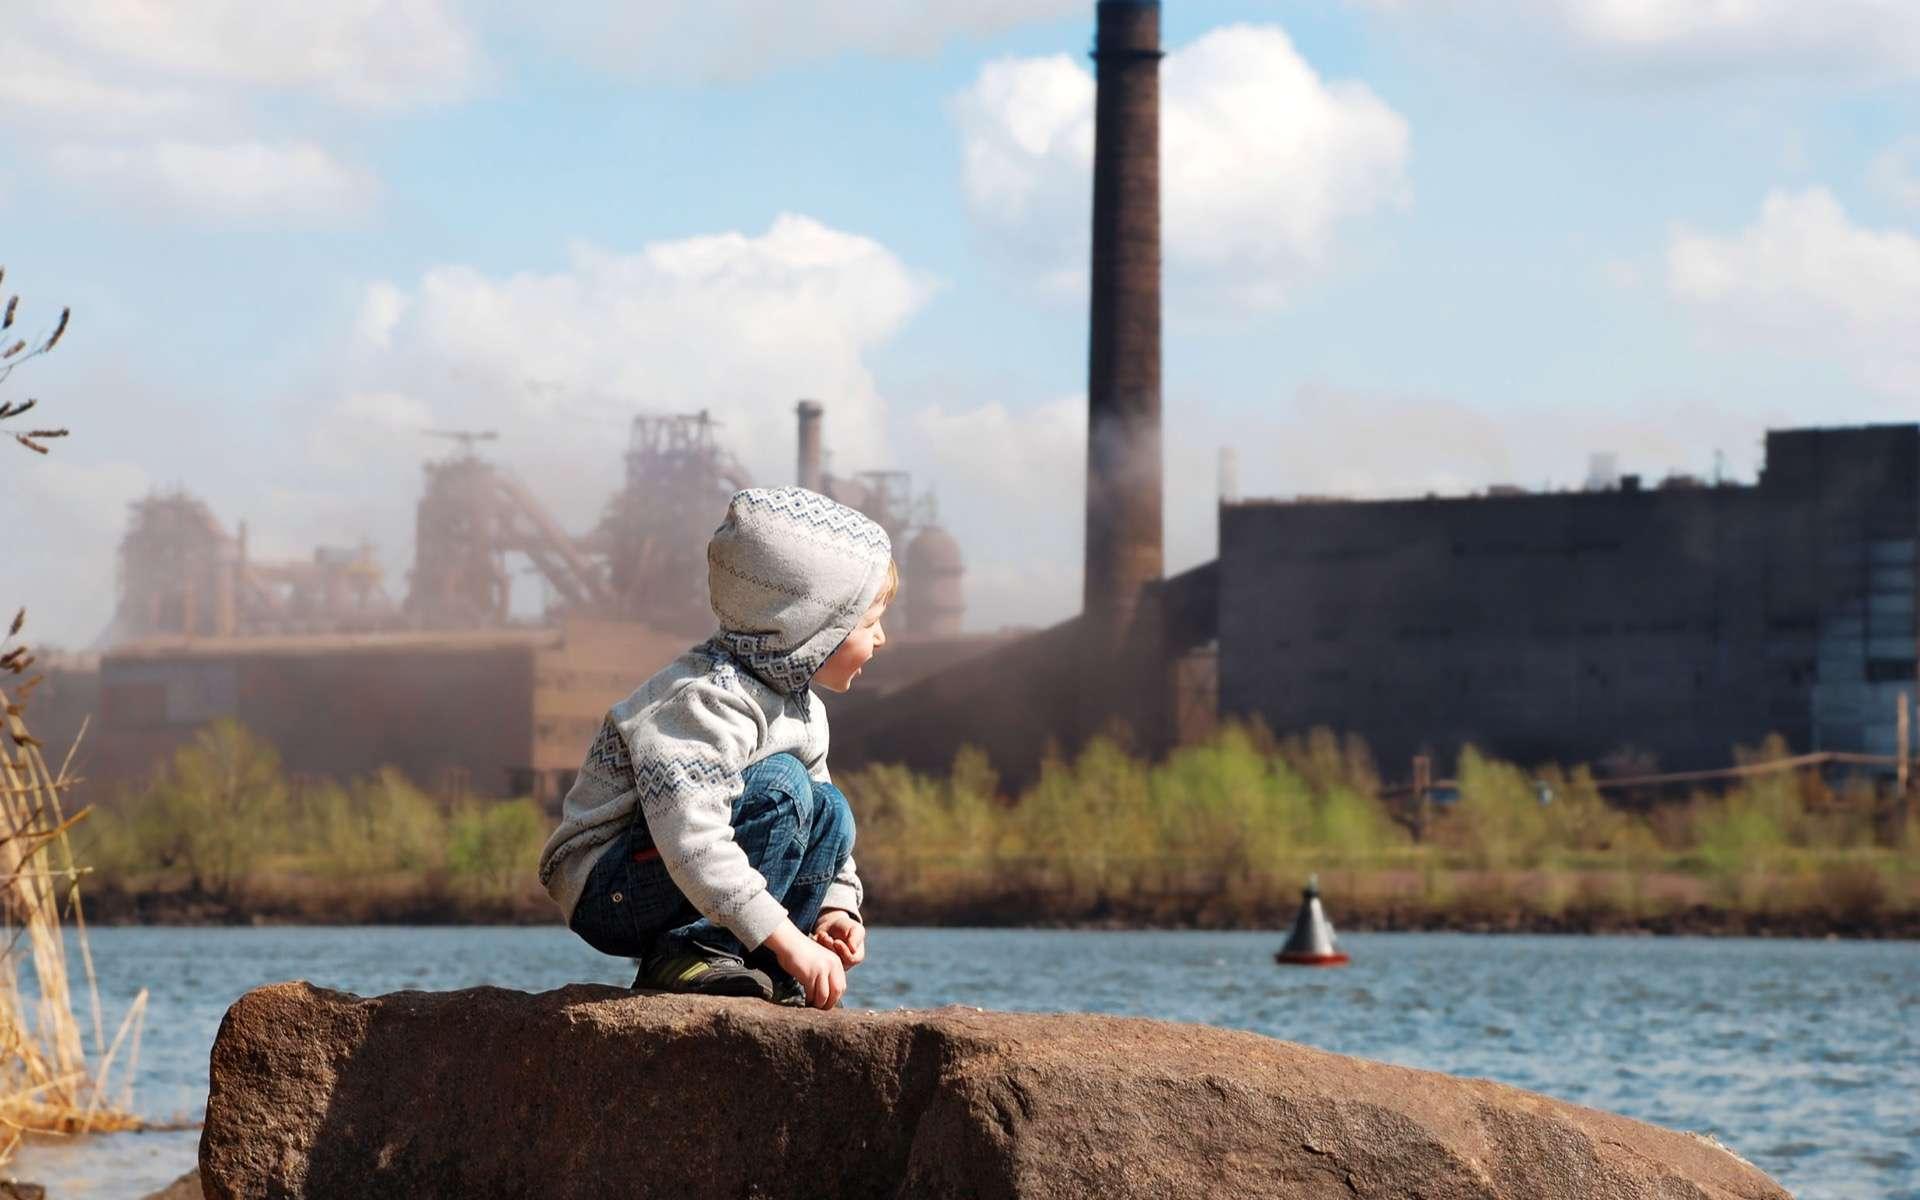 La pollution atmosphérique tue. L'OMS revoit ses critères d'évaluation des polluants à la hausse afin d'éviter des millions de morts. © Soloviova Liudmyla, Adobe Stock